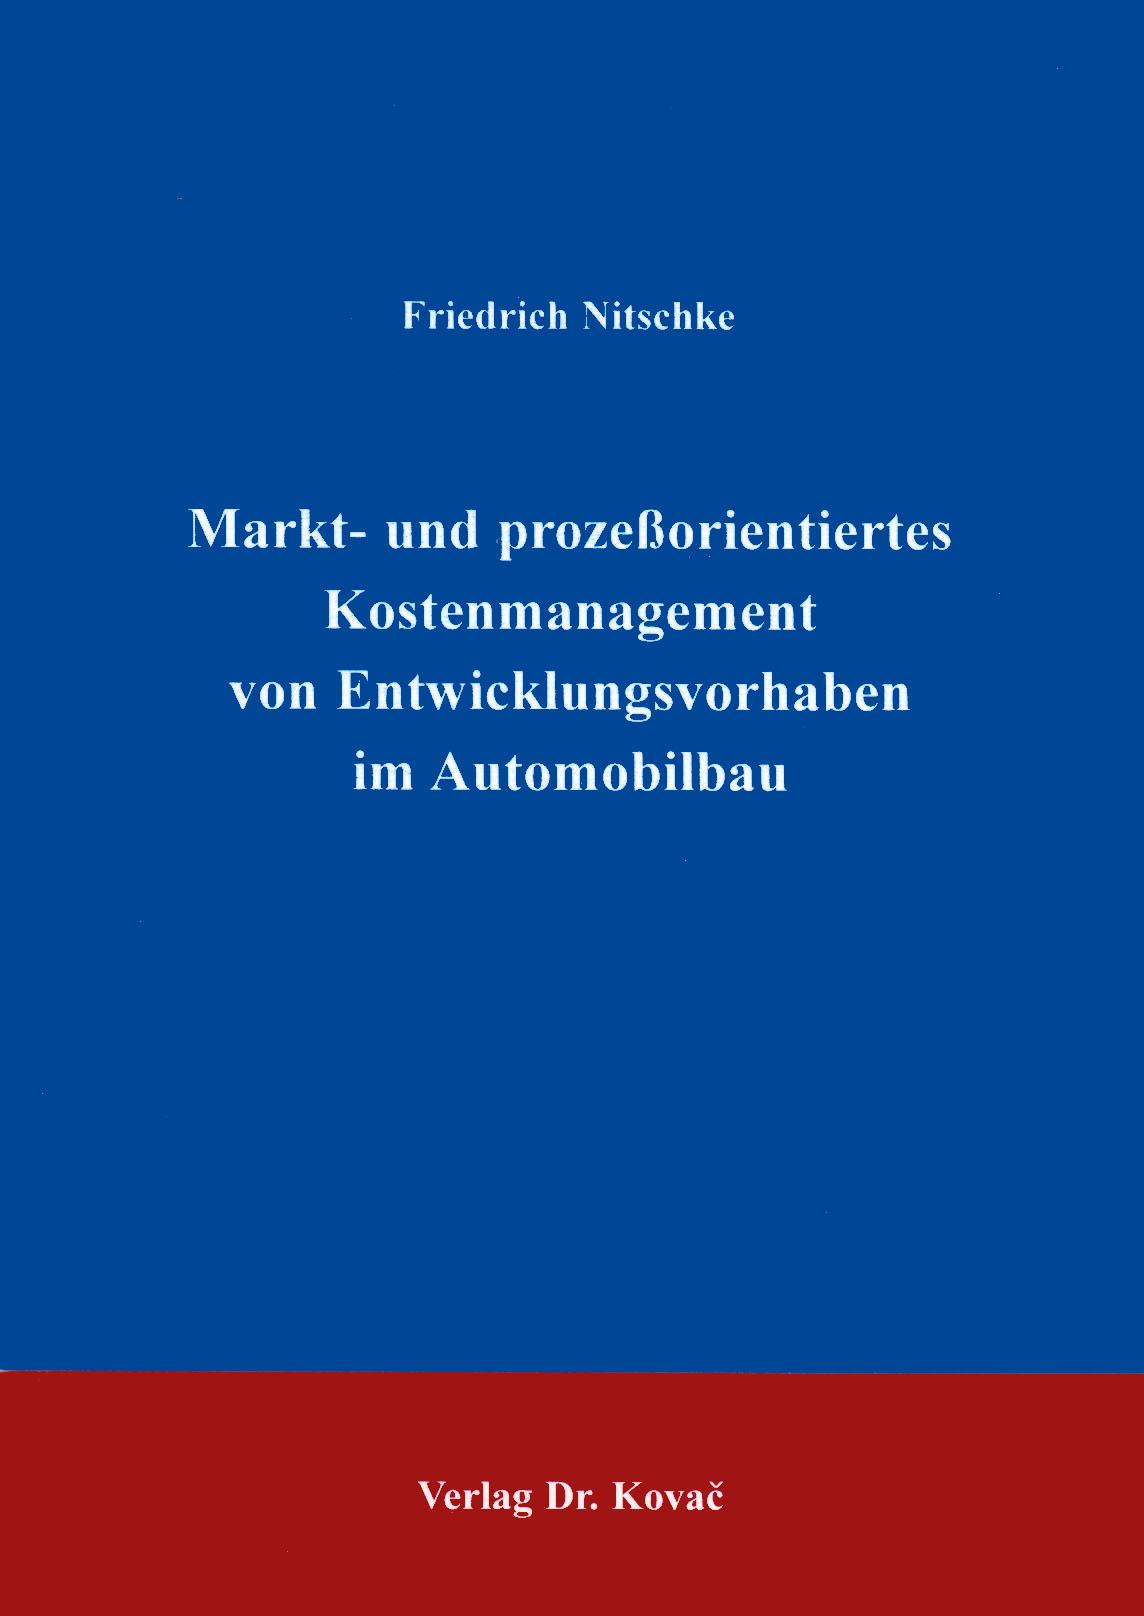 Cover: Markt- und prozeßorientiertes Kostenmanagement von Entwicklungsvorhaben im Automobilbau